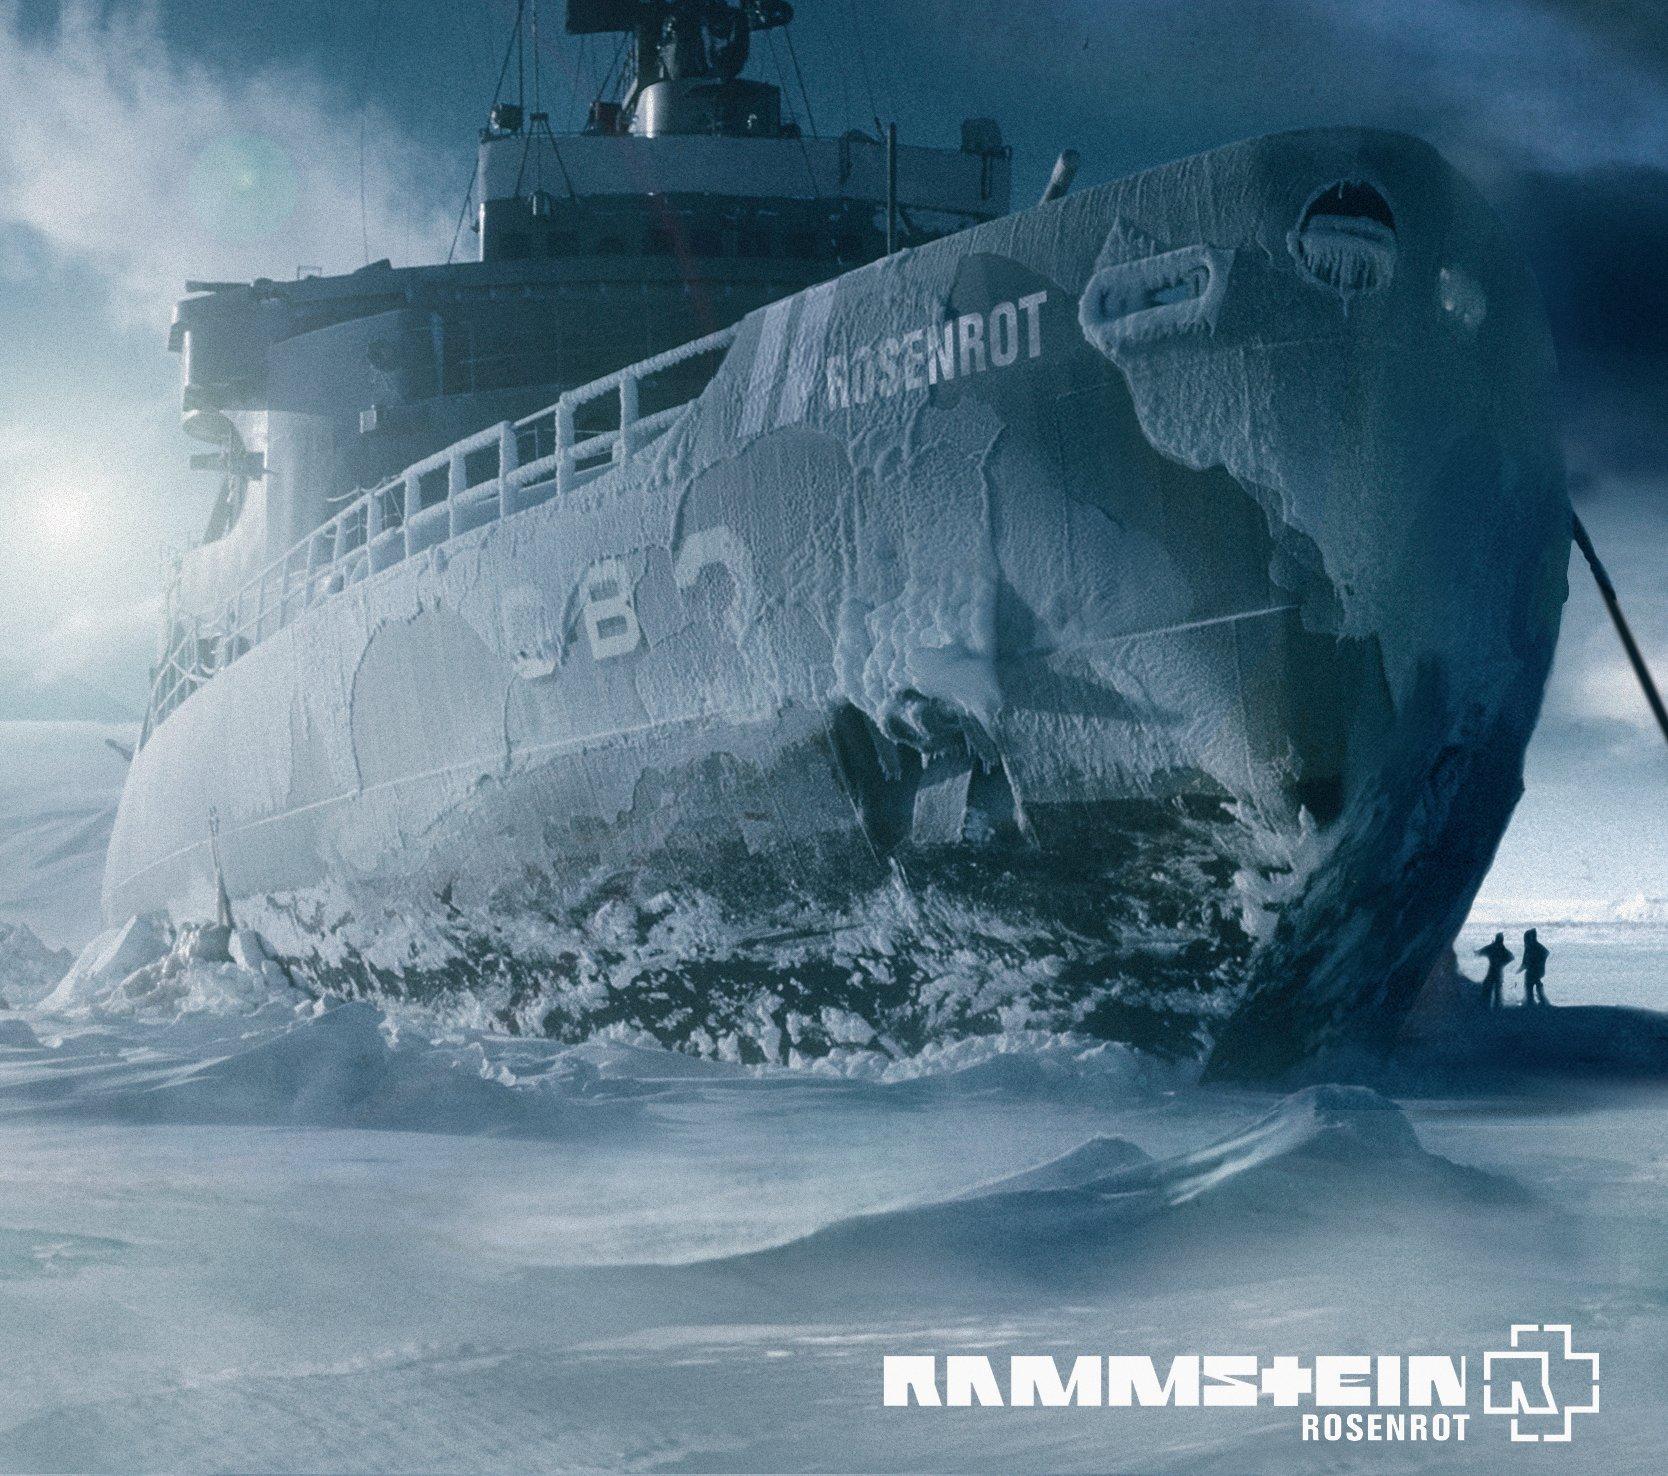 rammstein скачать песни с альбомов сейчас